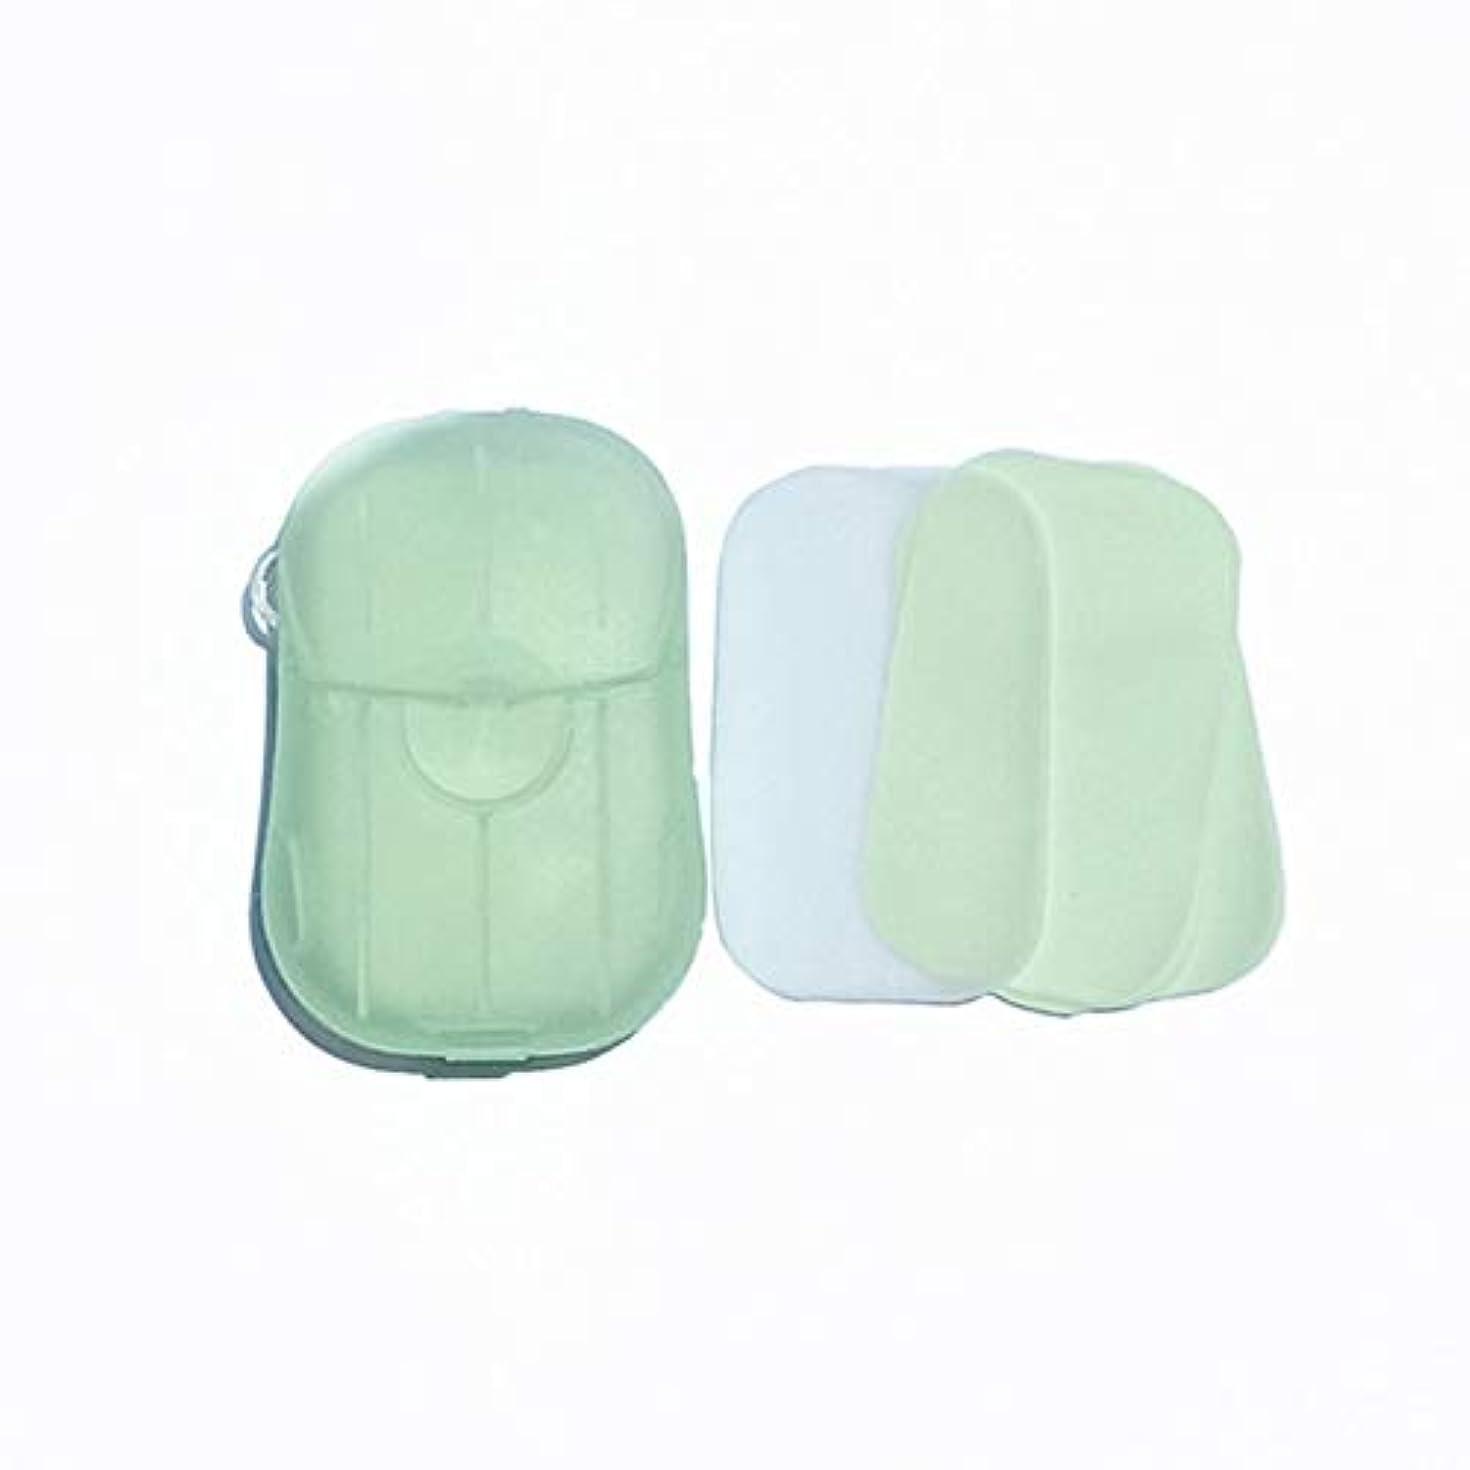 グラムギャザークレジットFeglin-joy ペーパーソープ せっけん紙 除菌 石鹸 手洗い お風呂 旅行携帯用 紙せっけん かみせっけん 香り 20枚入 ケース付き(よもぎ)